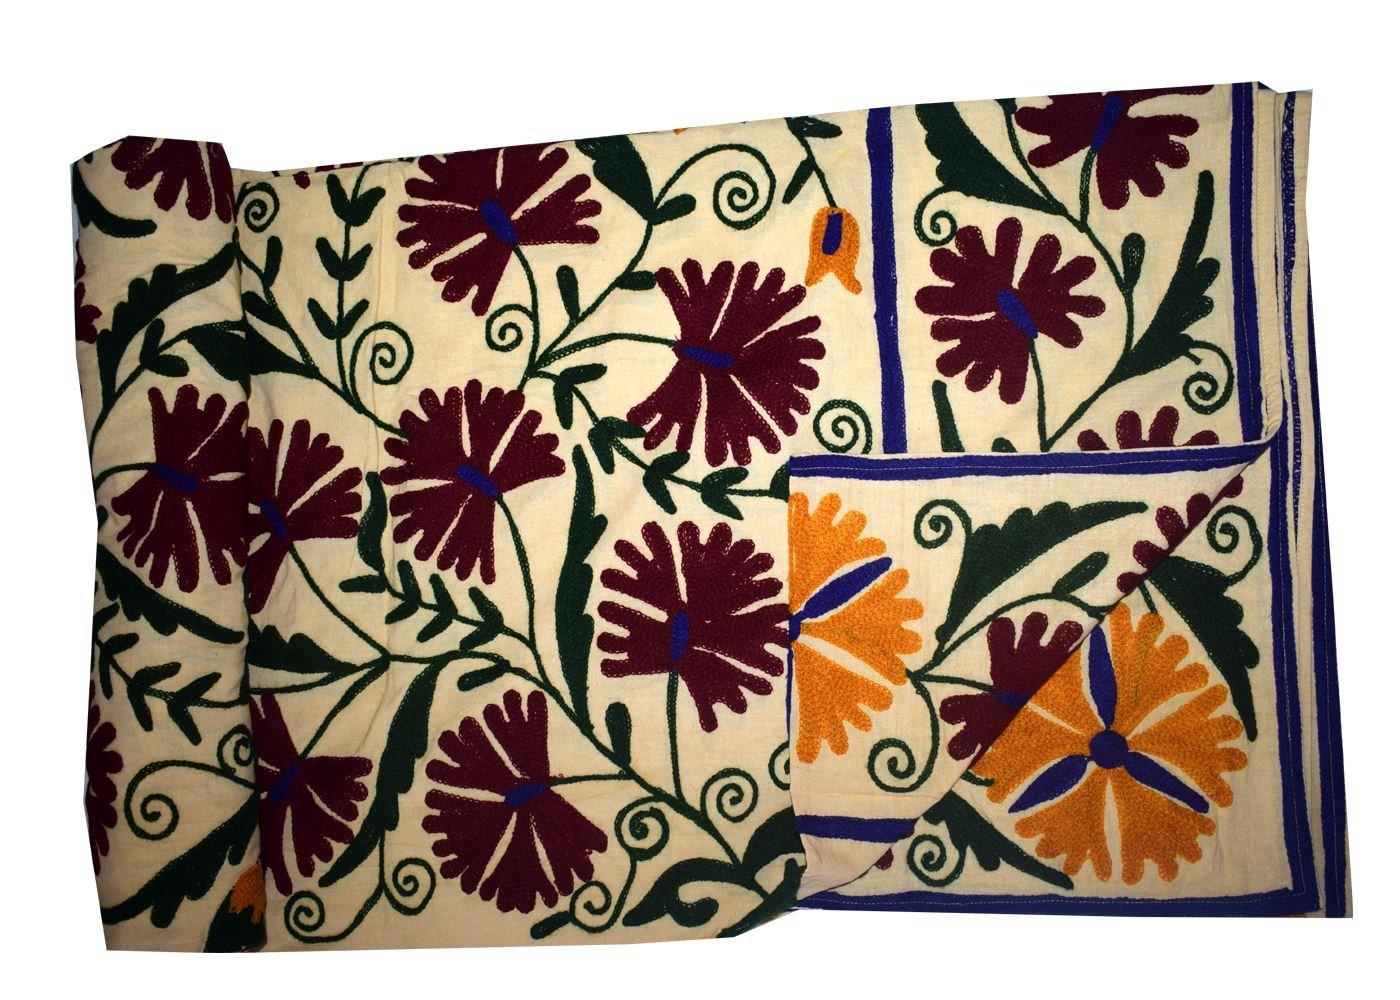 新しいインド花柄刺繍ハンドメイドコットンベッドスプレッドヴィンテージSuzaniベッドスローインテリアBedcover 90 X 108 Inches MPN B078Z2ZR3Y Cream Purple Floral Leaves 90 X 108 Inches